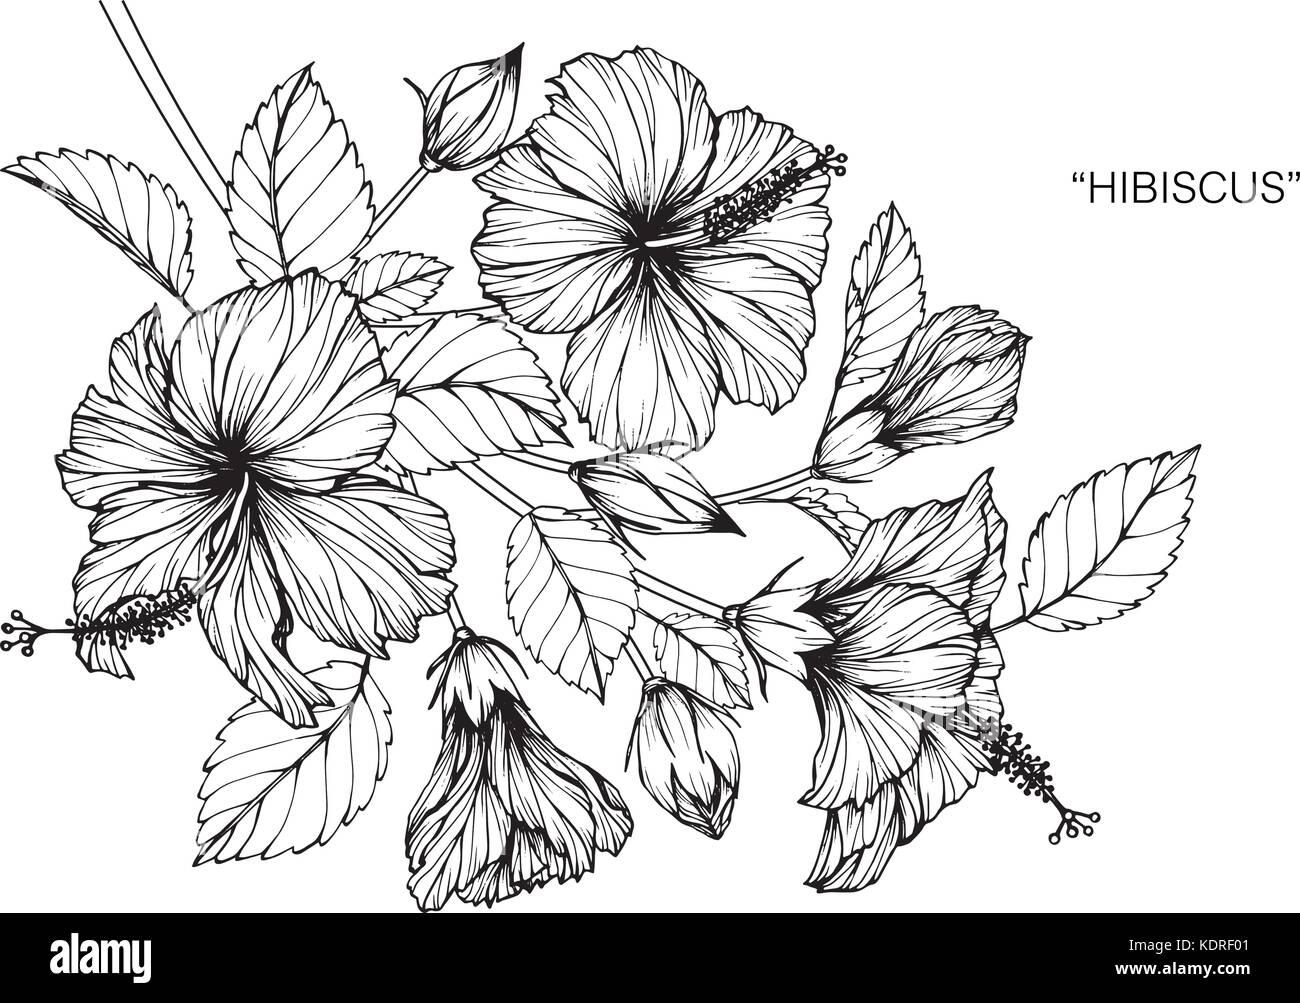 Fleur Dhibiscus Dessin Illustration Noir Et Blanc Avec Des